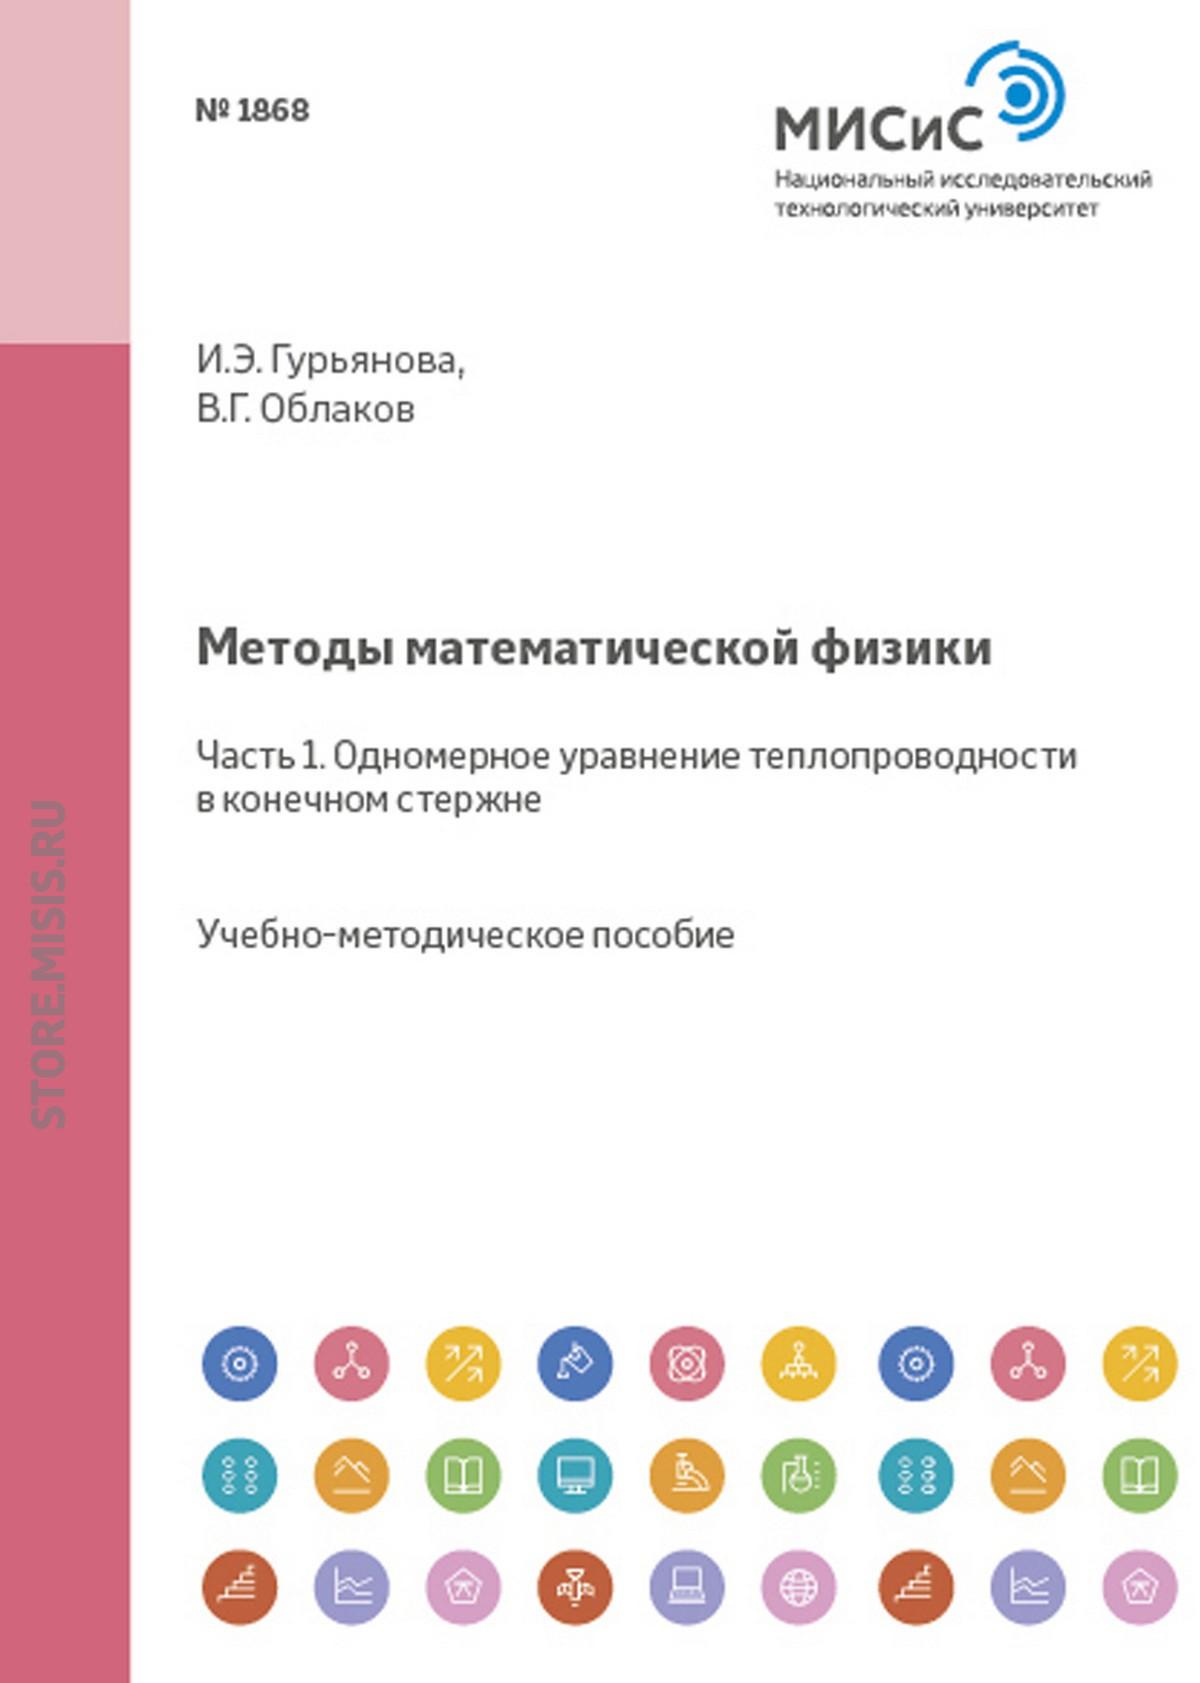 Ирина Гурьянова Методы математической физики. Часть 1. Одномерное уравнение теплопроводности в конечном стержне